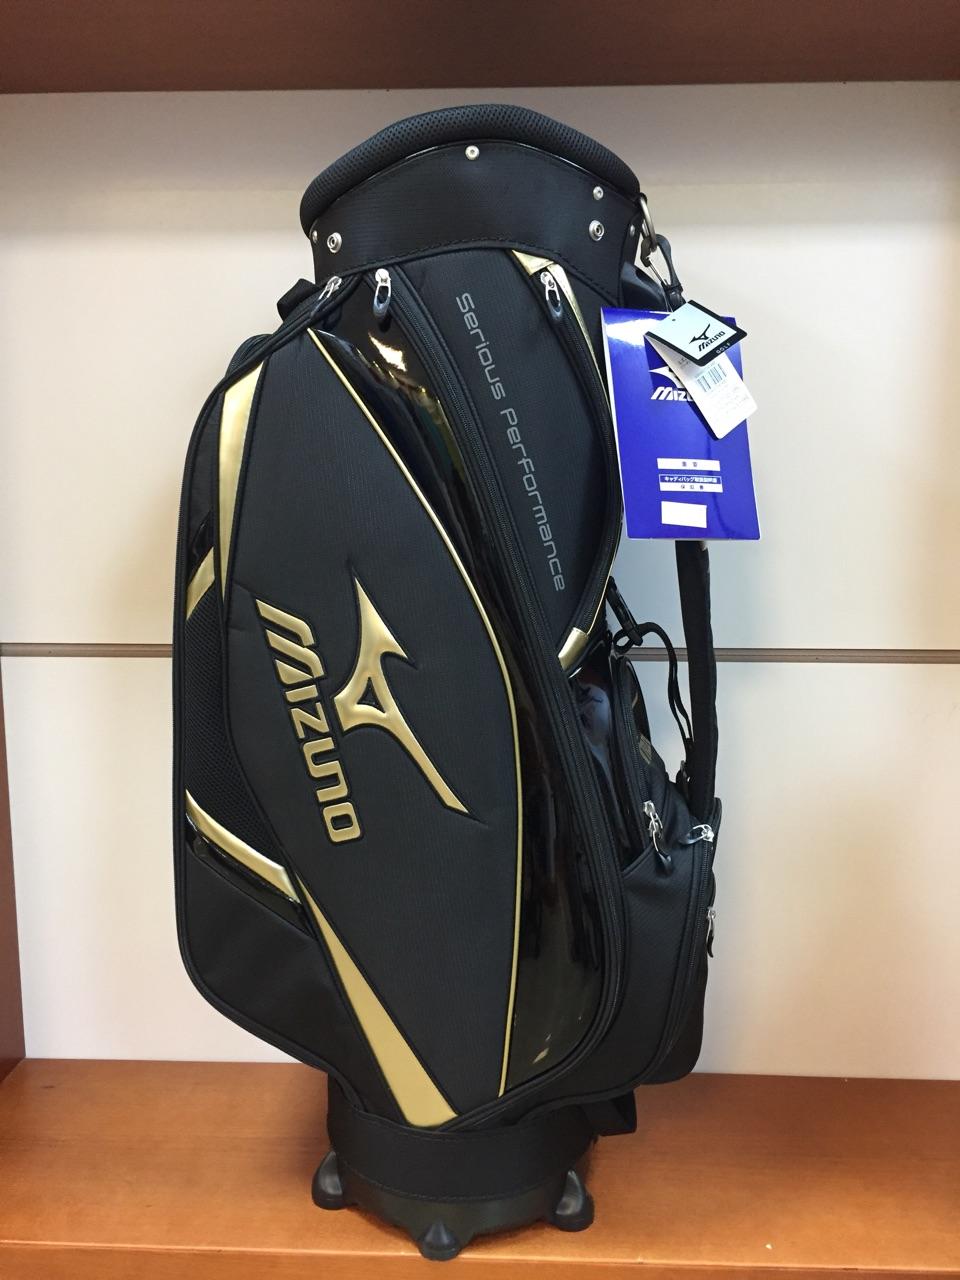 Mẫu túi gậy golf mizuno sang trọng